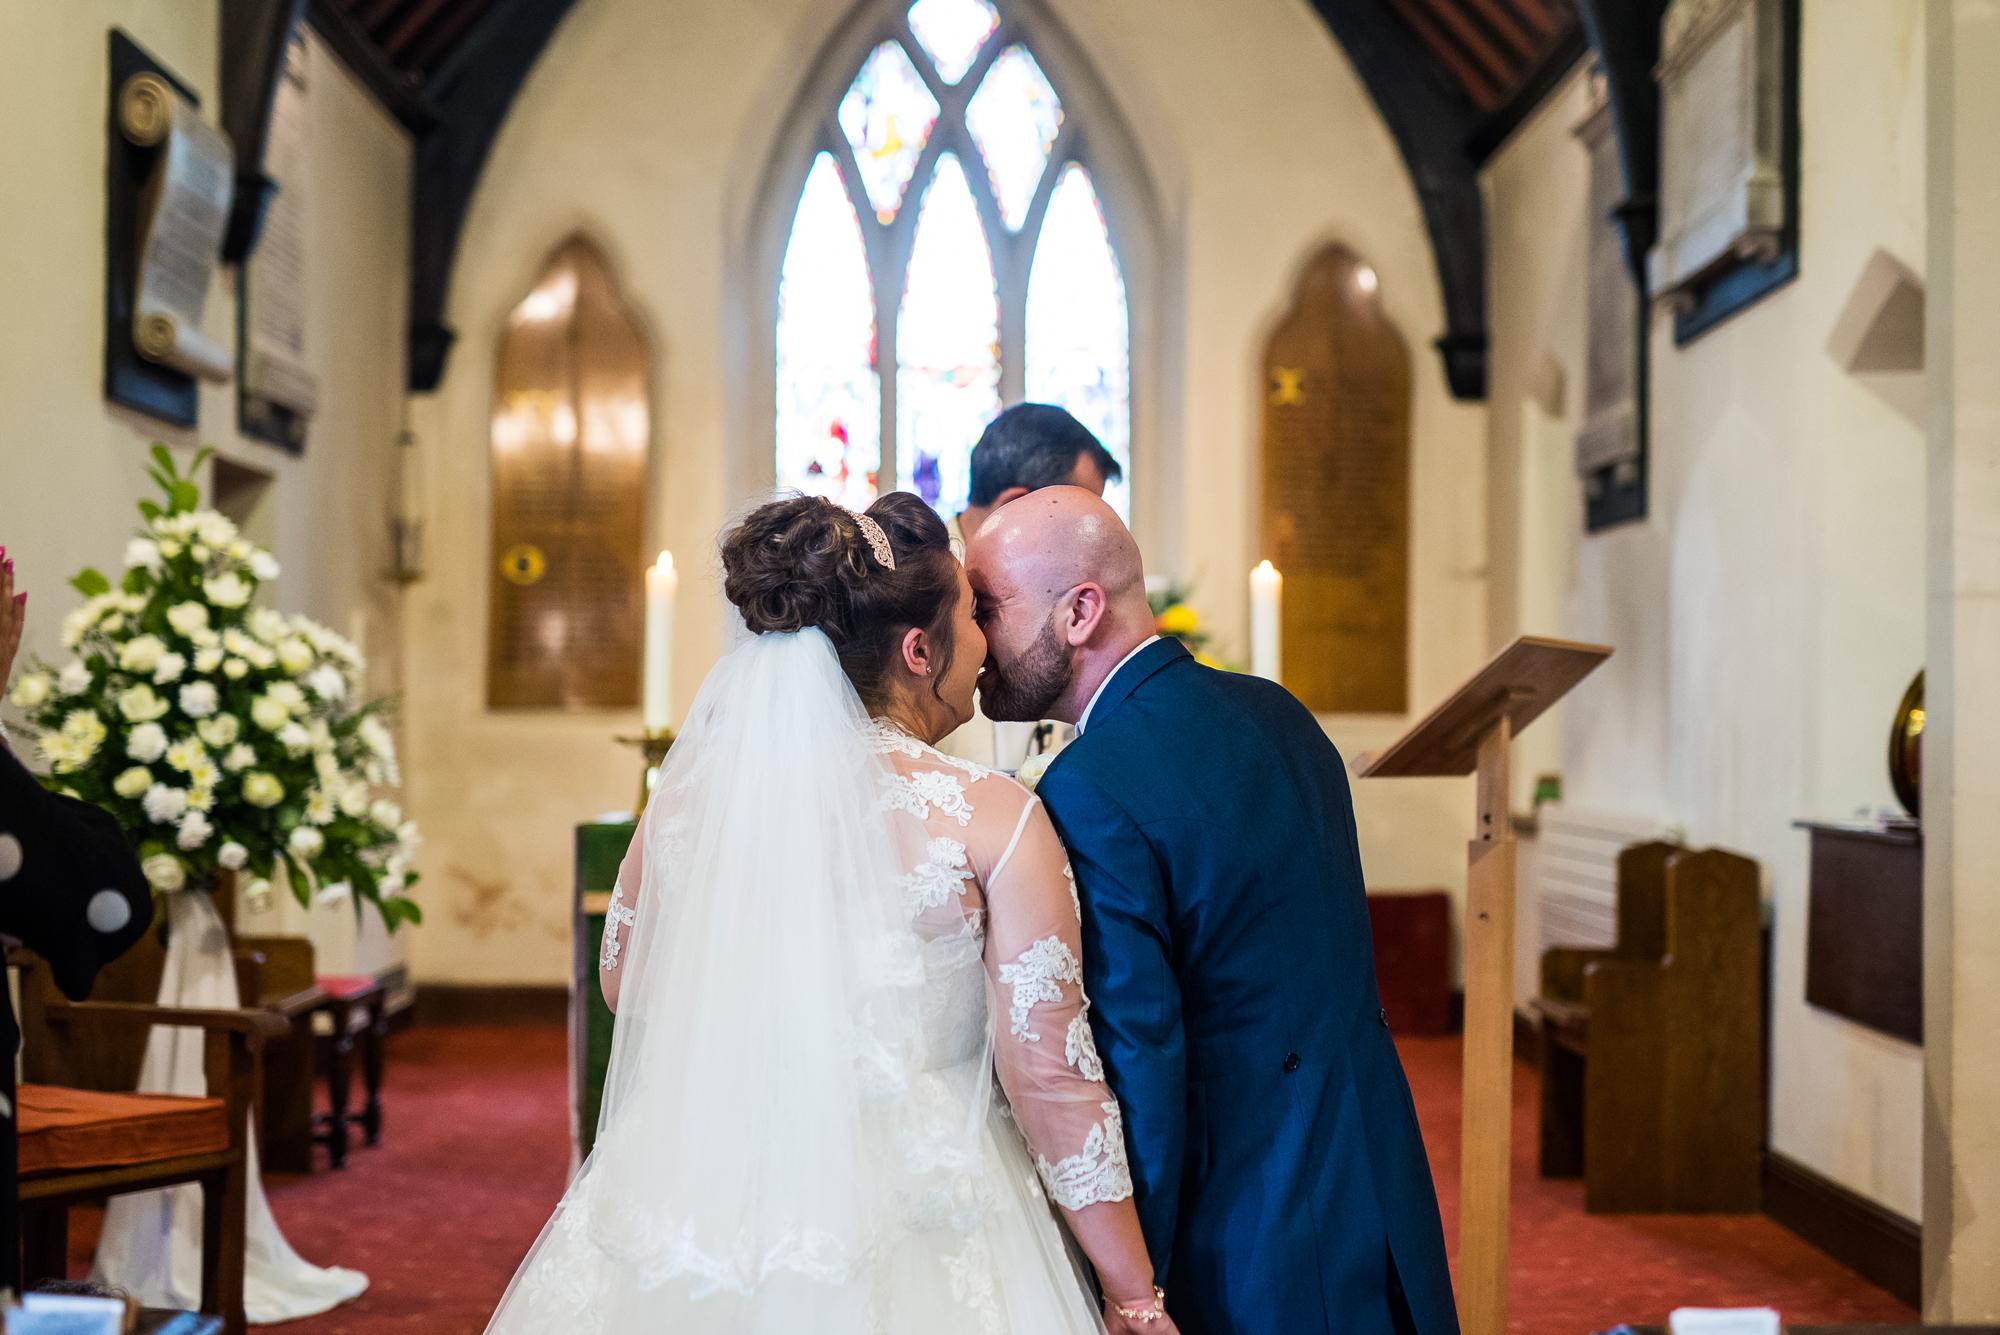 Roise and John wedding photos (136 of 383).jpg